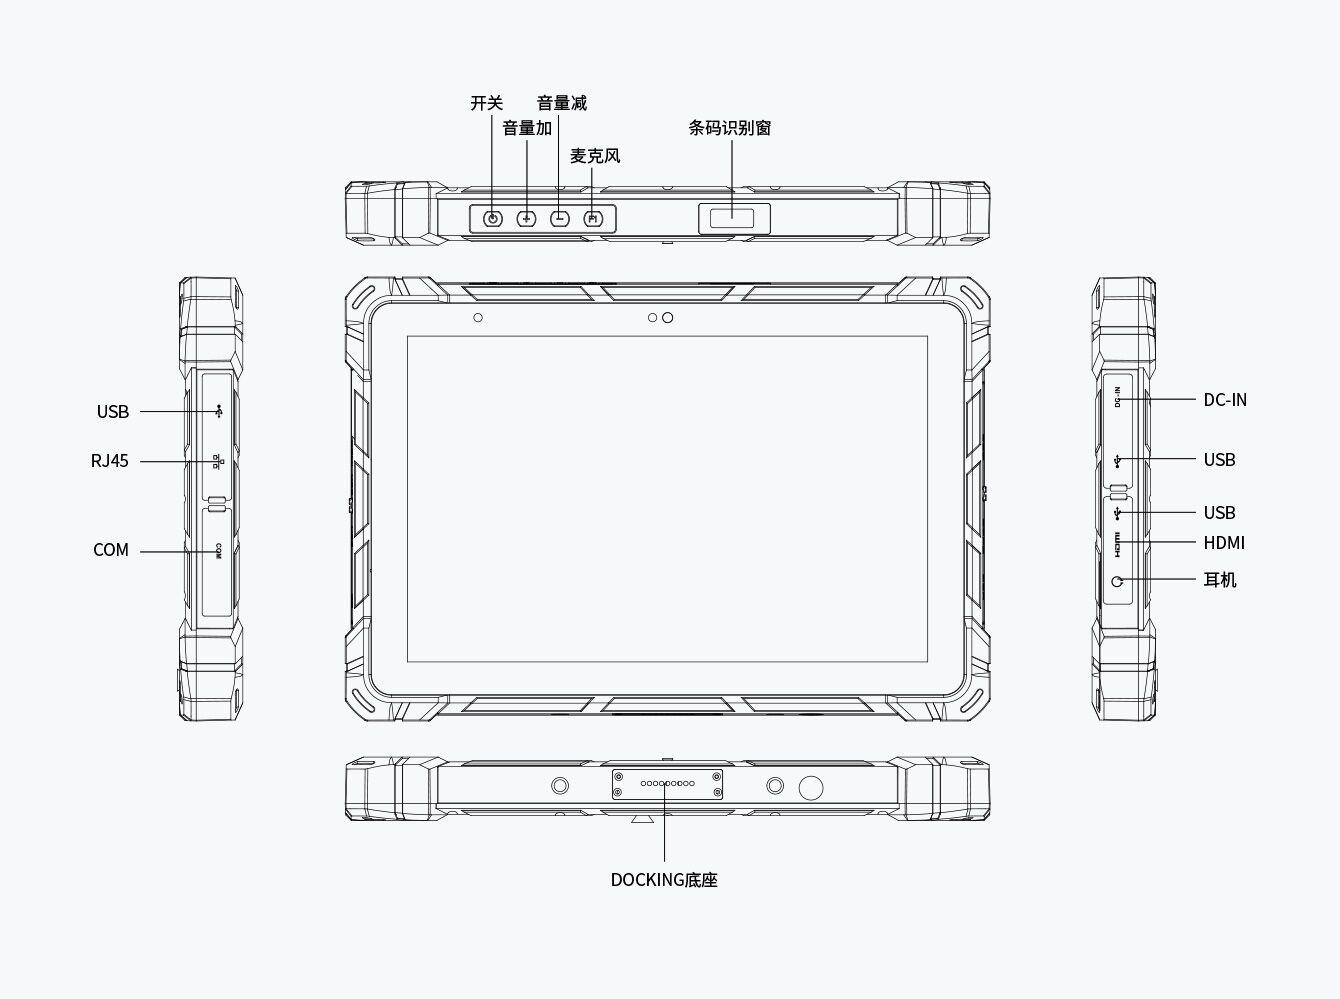 F7 10.1'' 加固三防平板电脑接口图